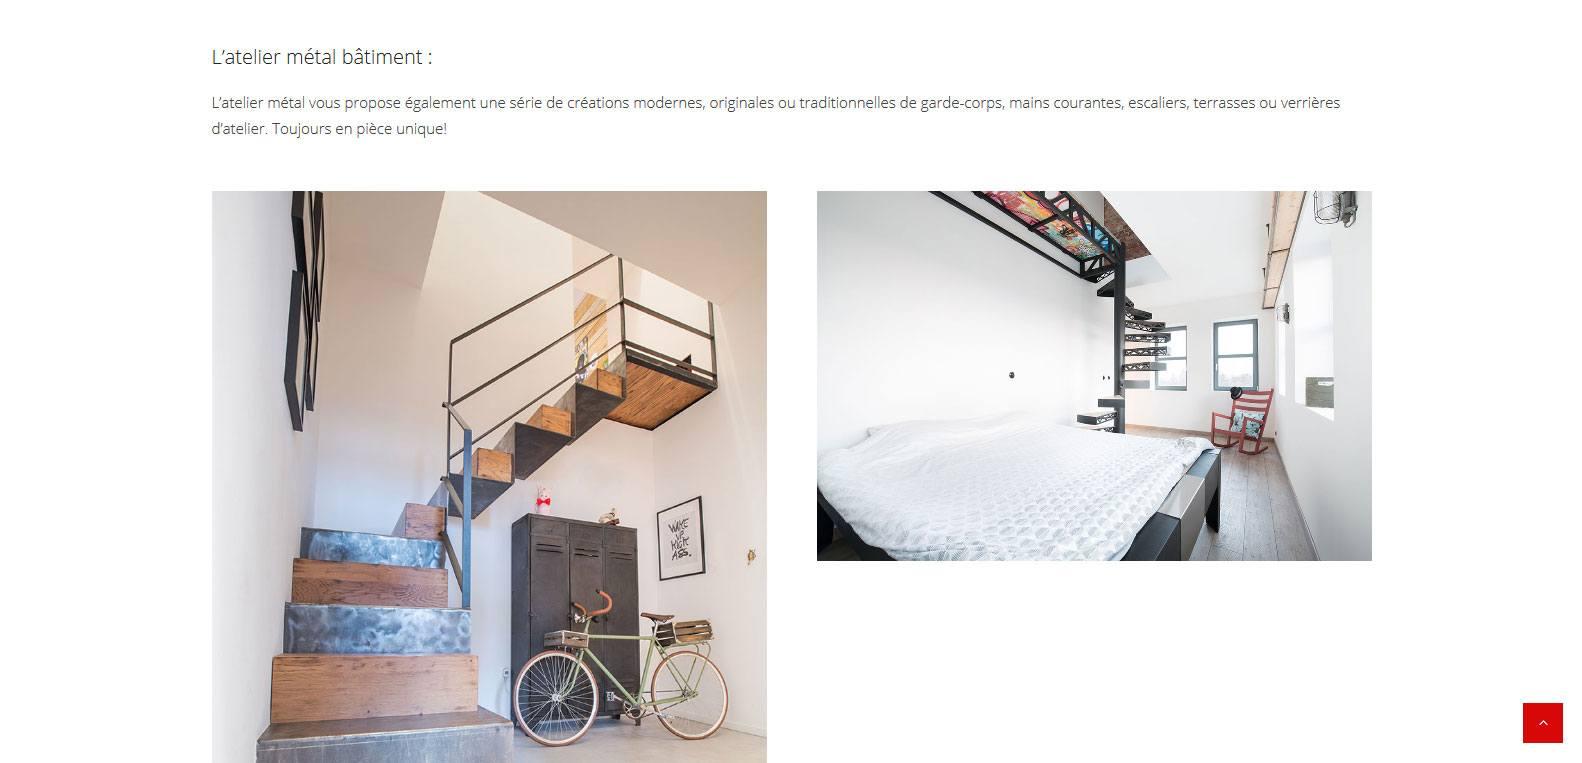 L'atelier métal bâtiment de ms68. Client Karedess, agence web à Mulhouse